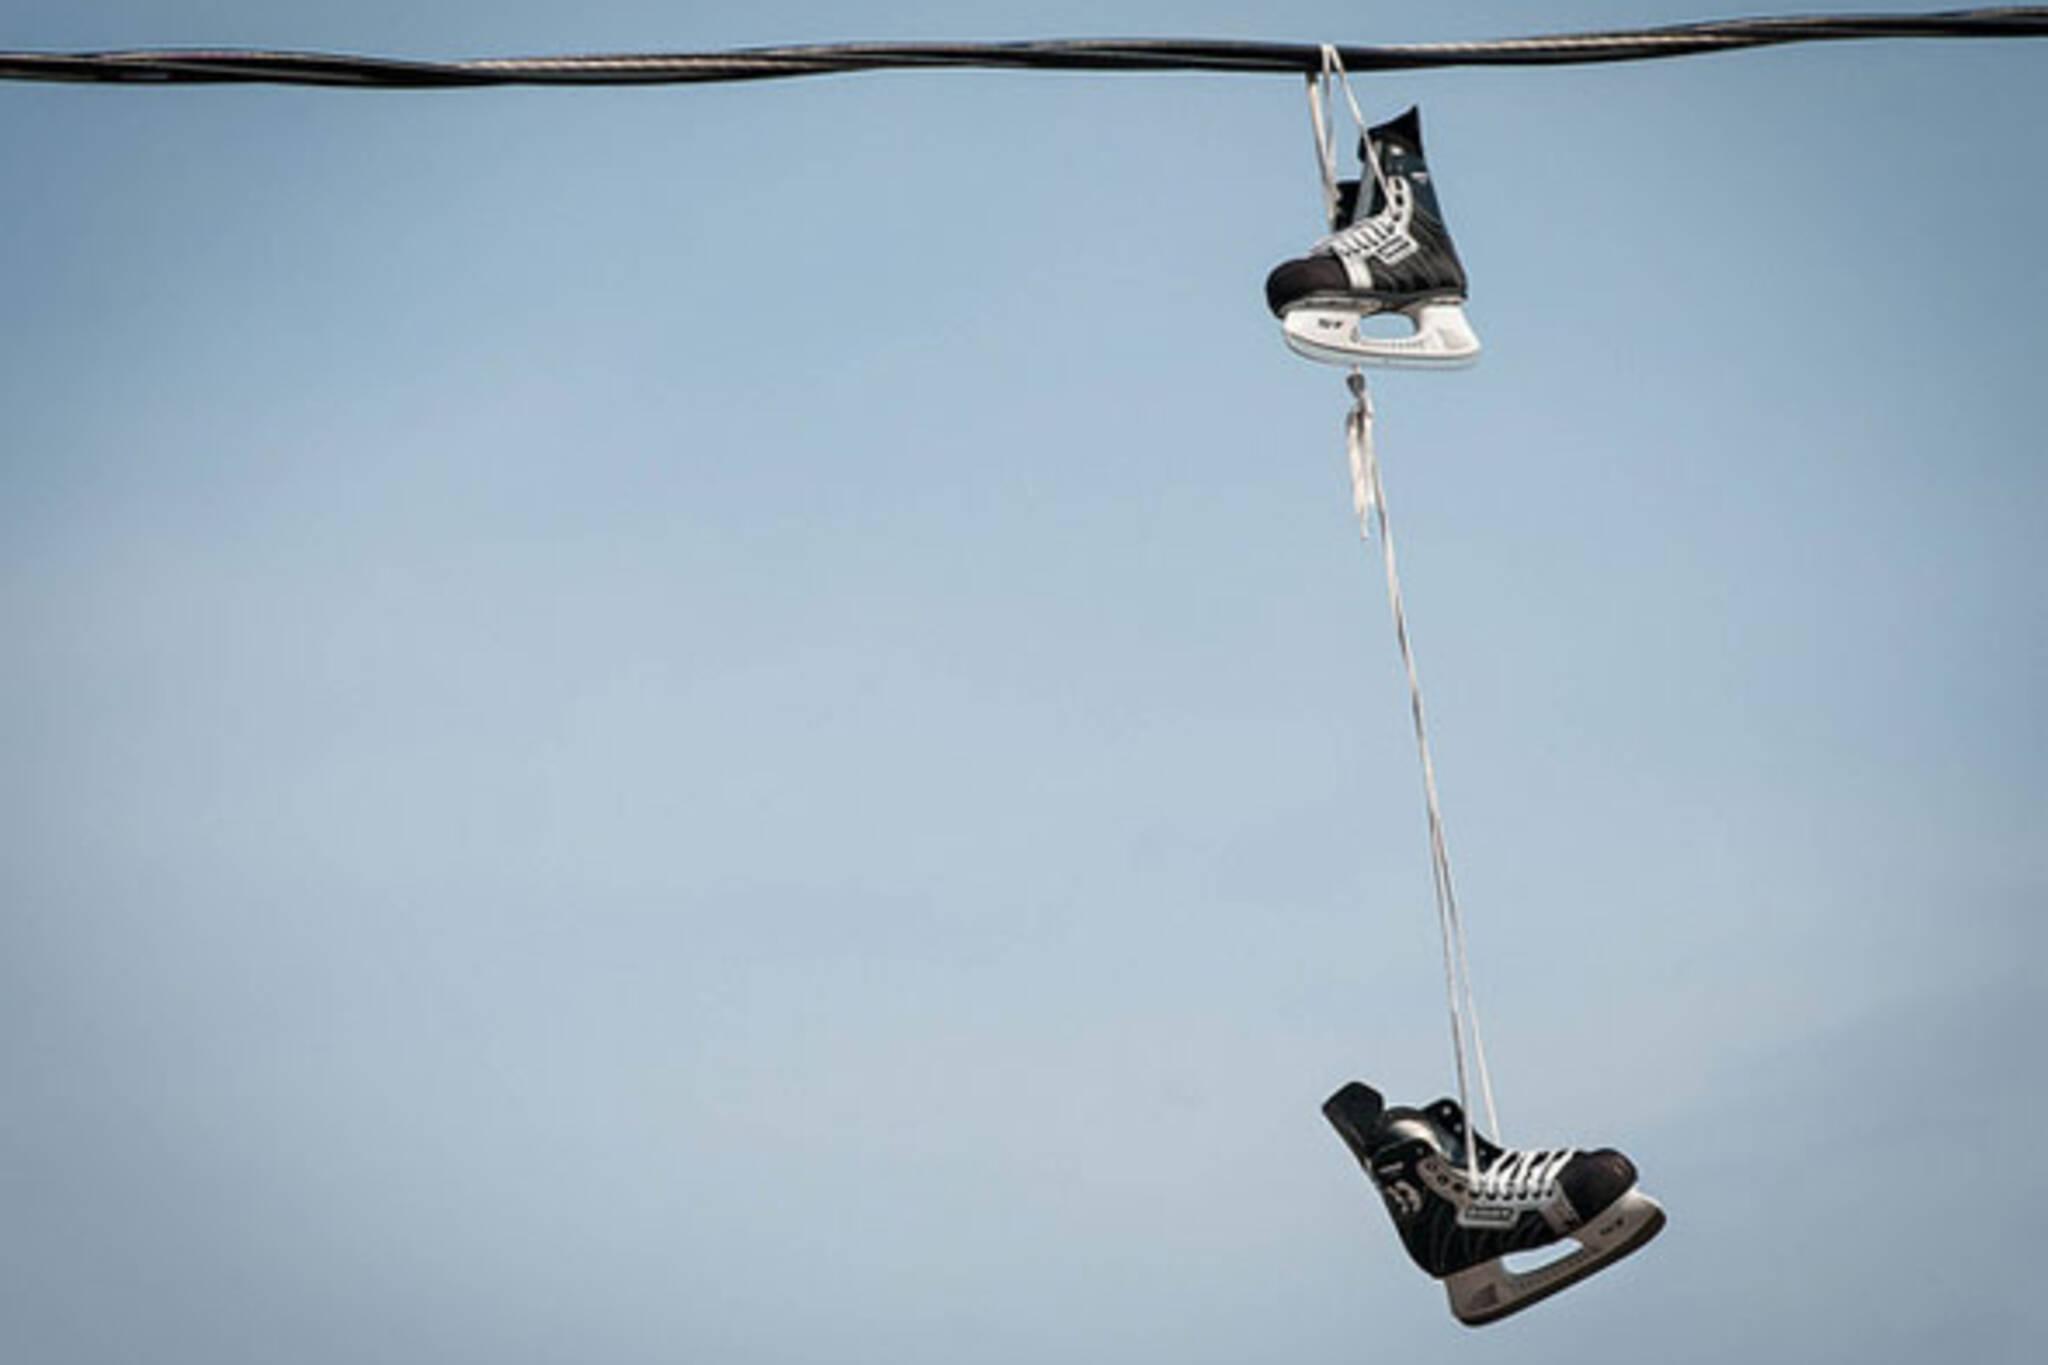 toronto ice skates